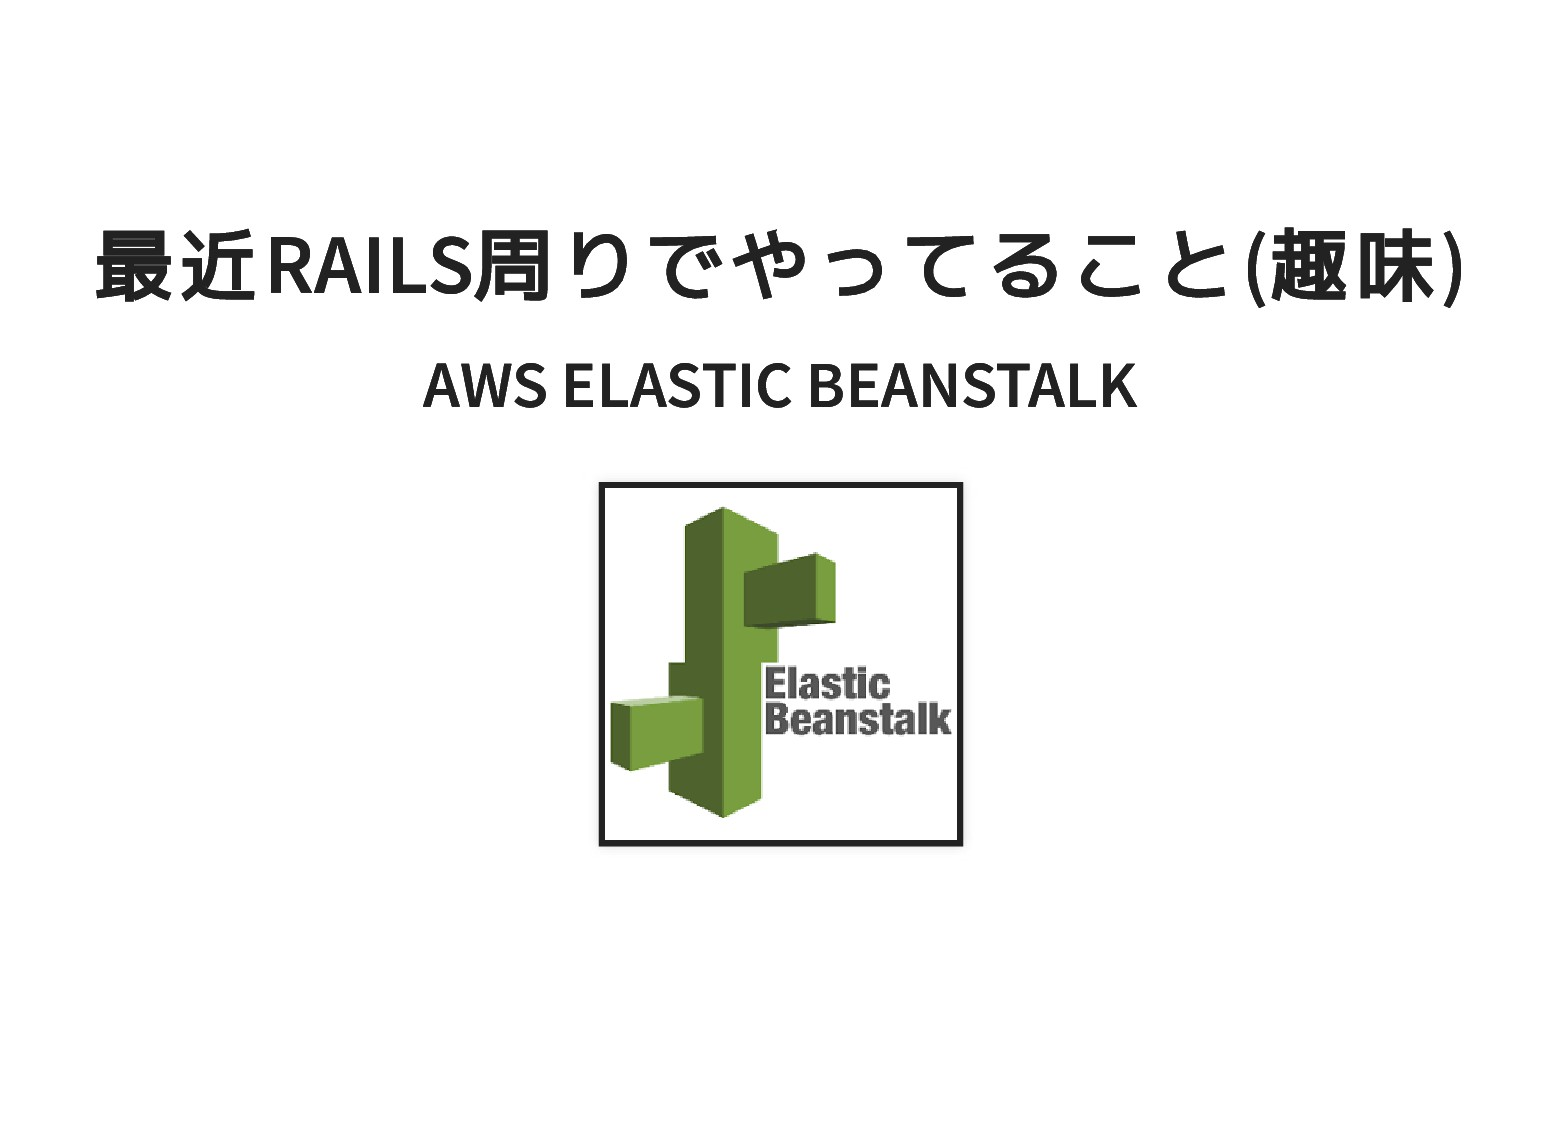 最近RAILS周りでやってること(趣味) 最近RAILS周りでやってること(趣味) AWS E...